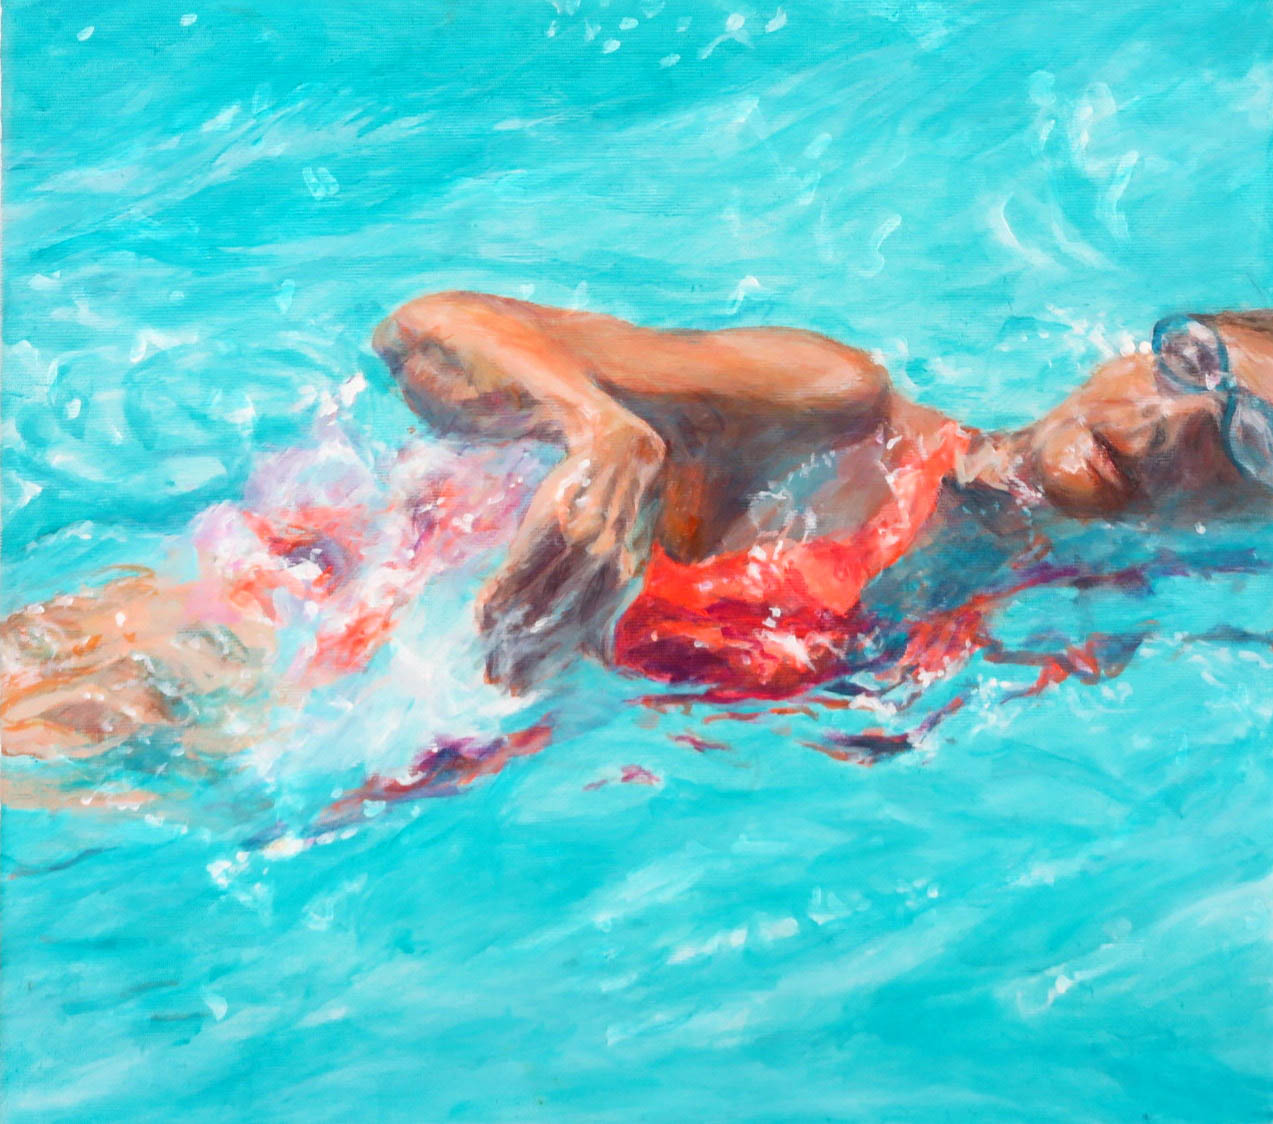 Schwimmerin Lanzarote III